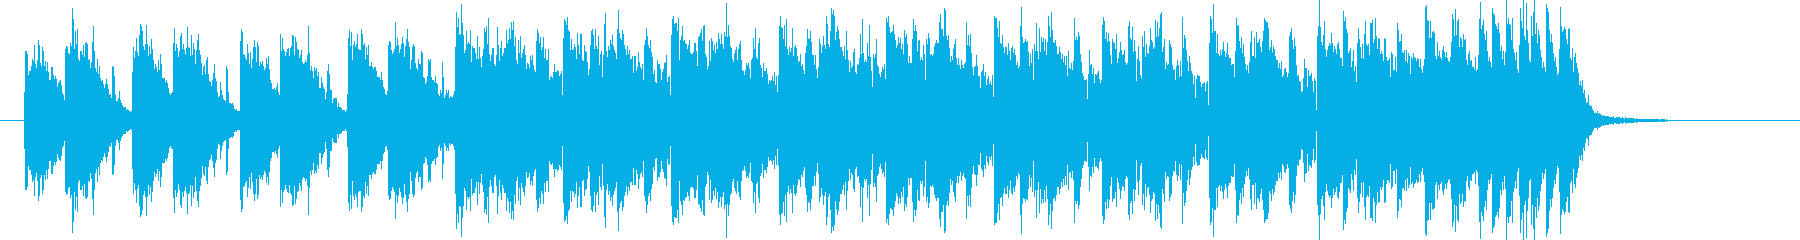 躍動感ある滑らかなシンセポップジングルの再生済みの波形